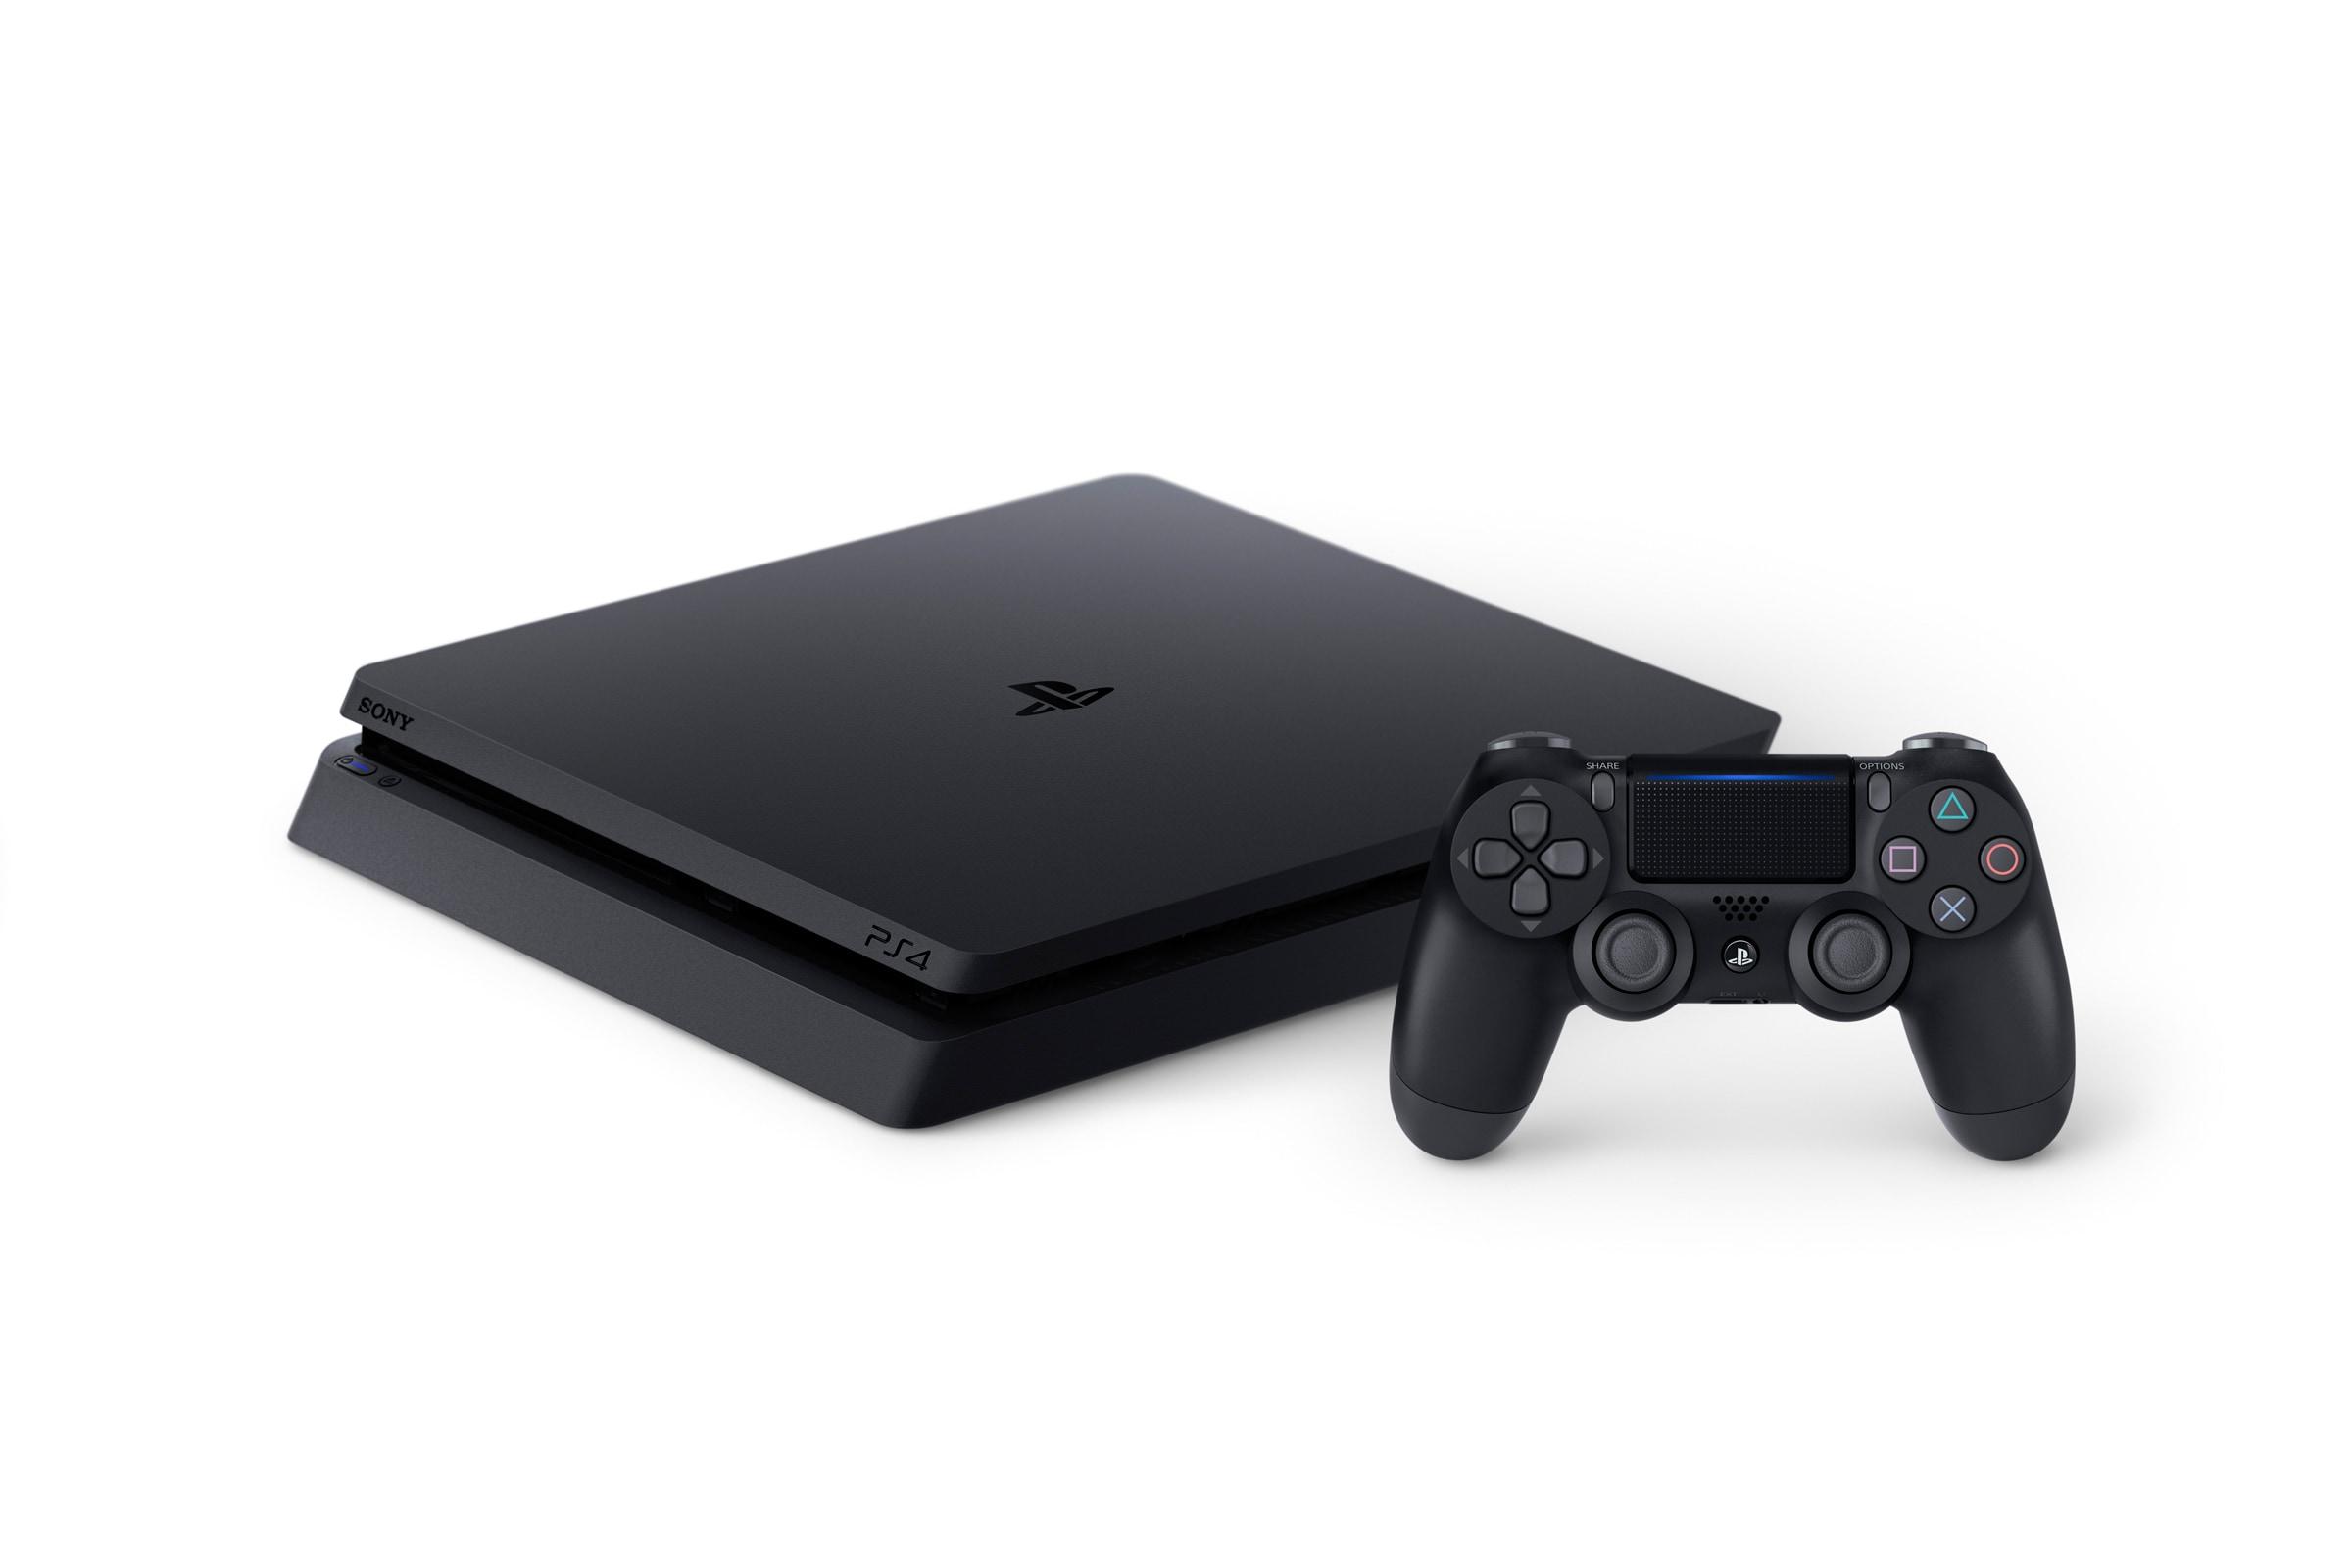 Le migliori offerte Amazon di oggi: PS4 Slim a 245€ e sconti sui gadget Withings